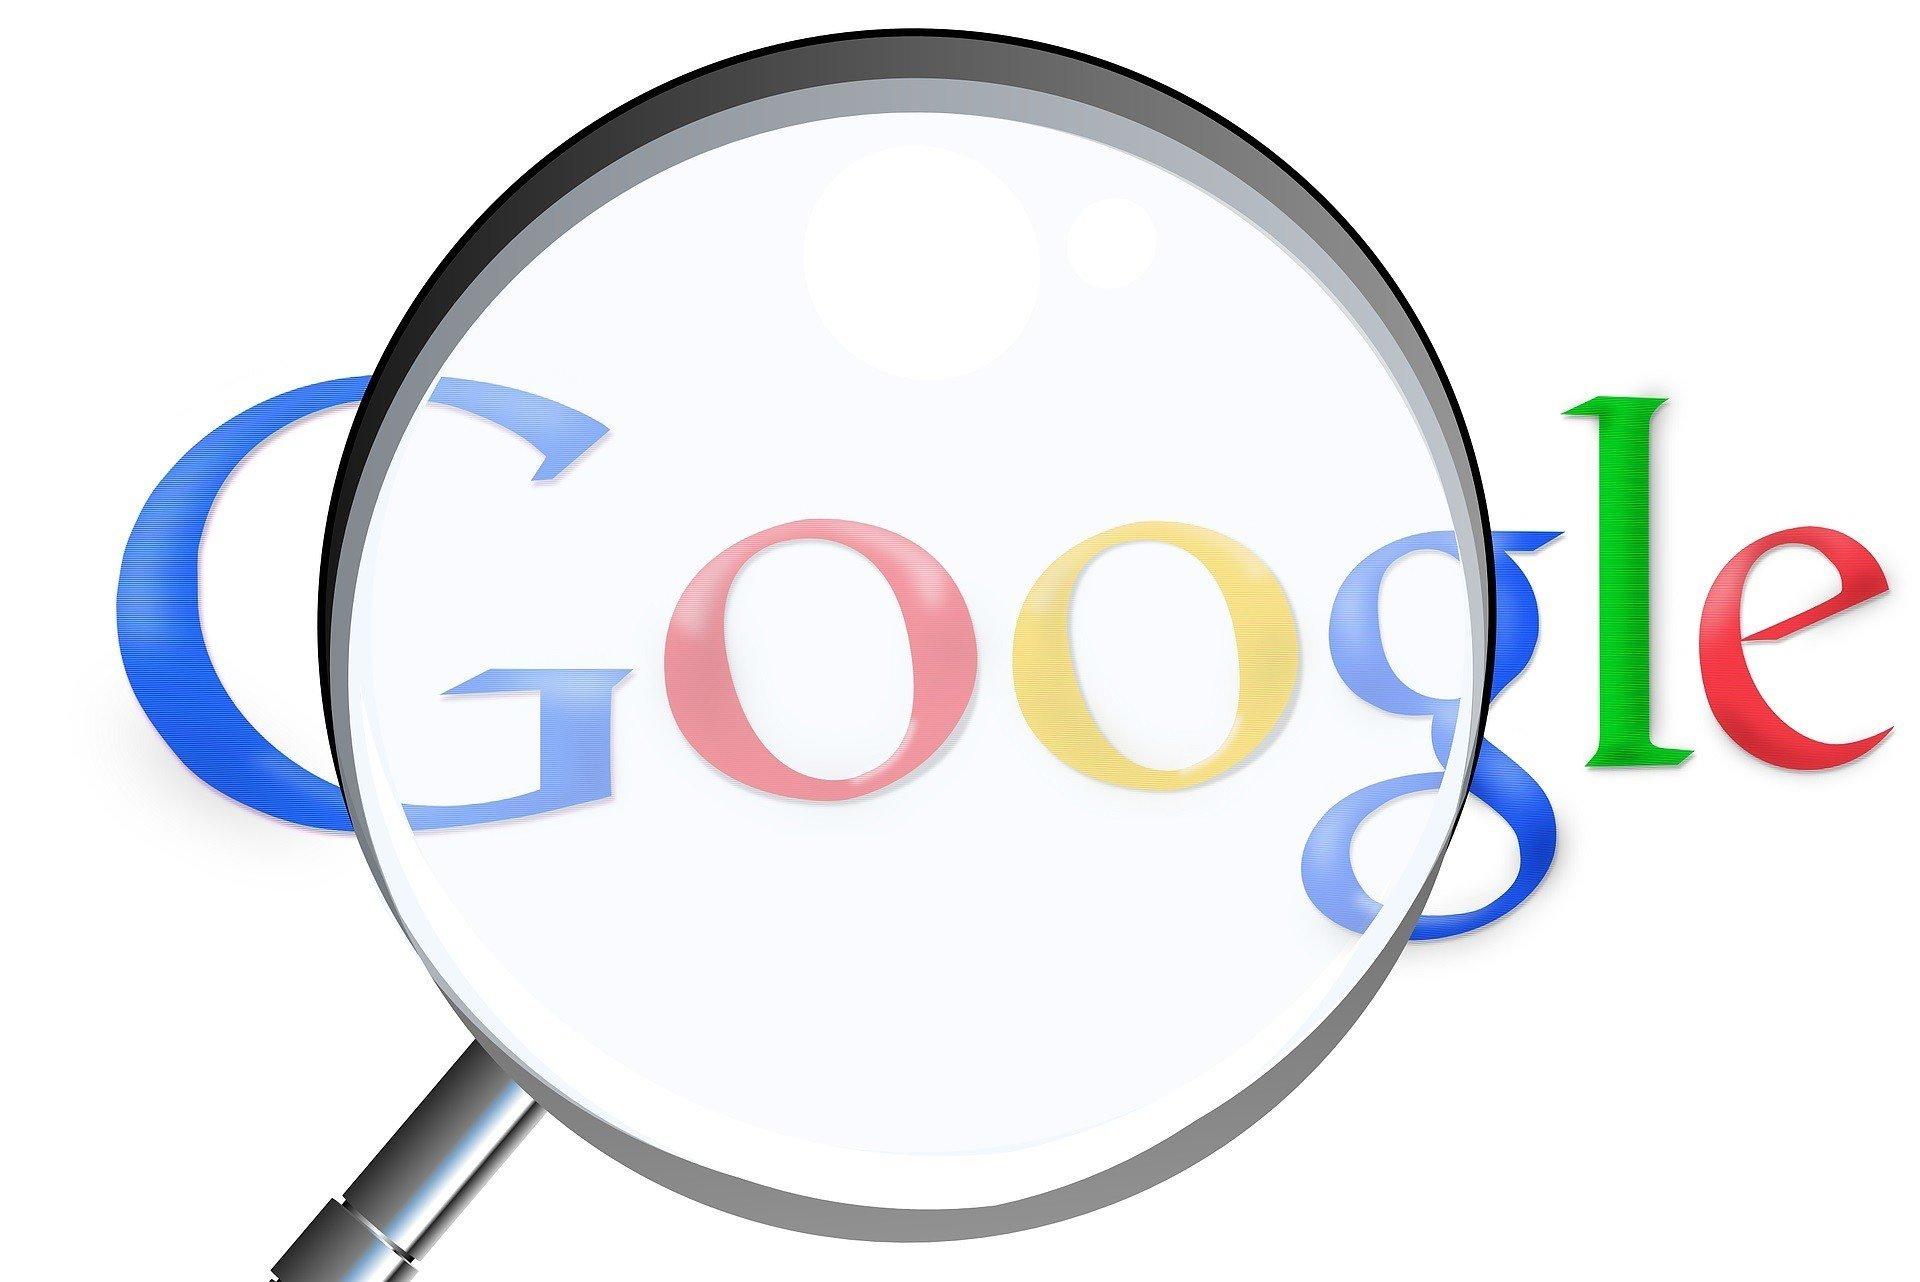 Слежка за пользователями возмутила сотрудников Google